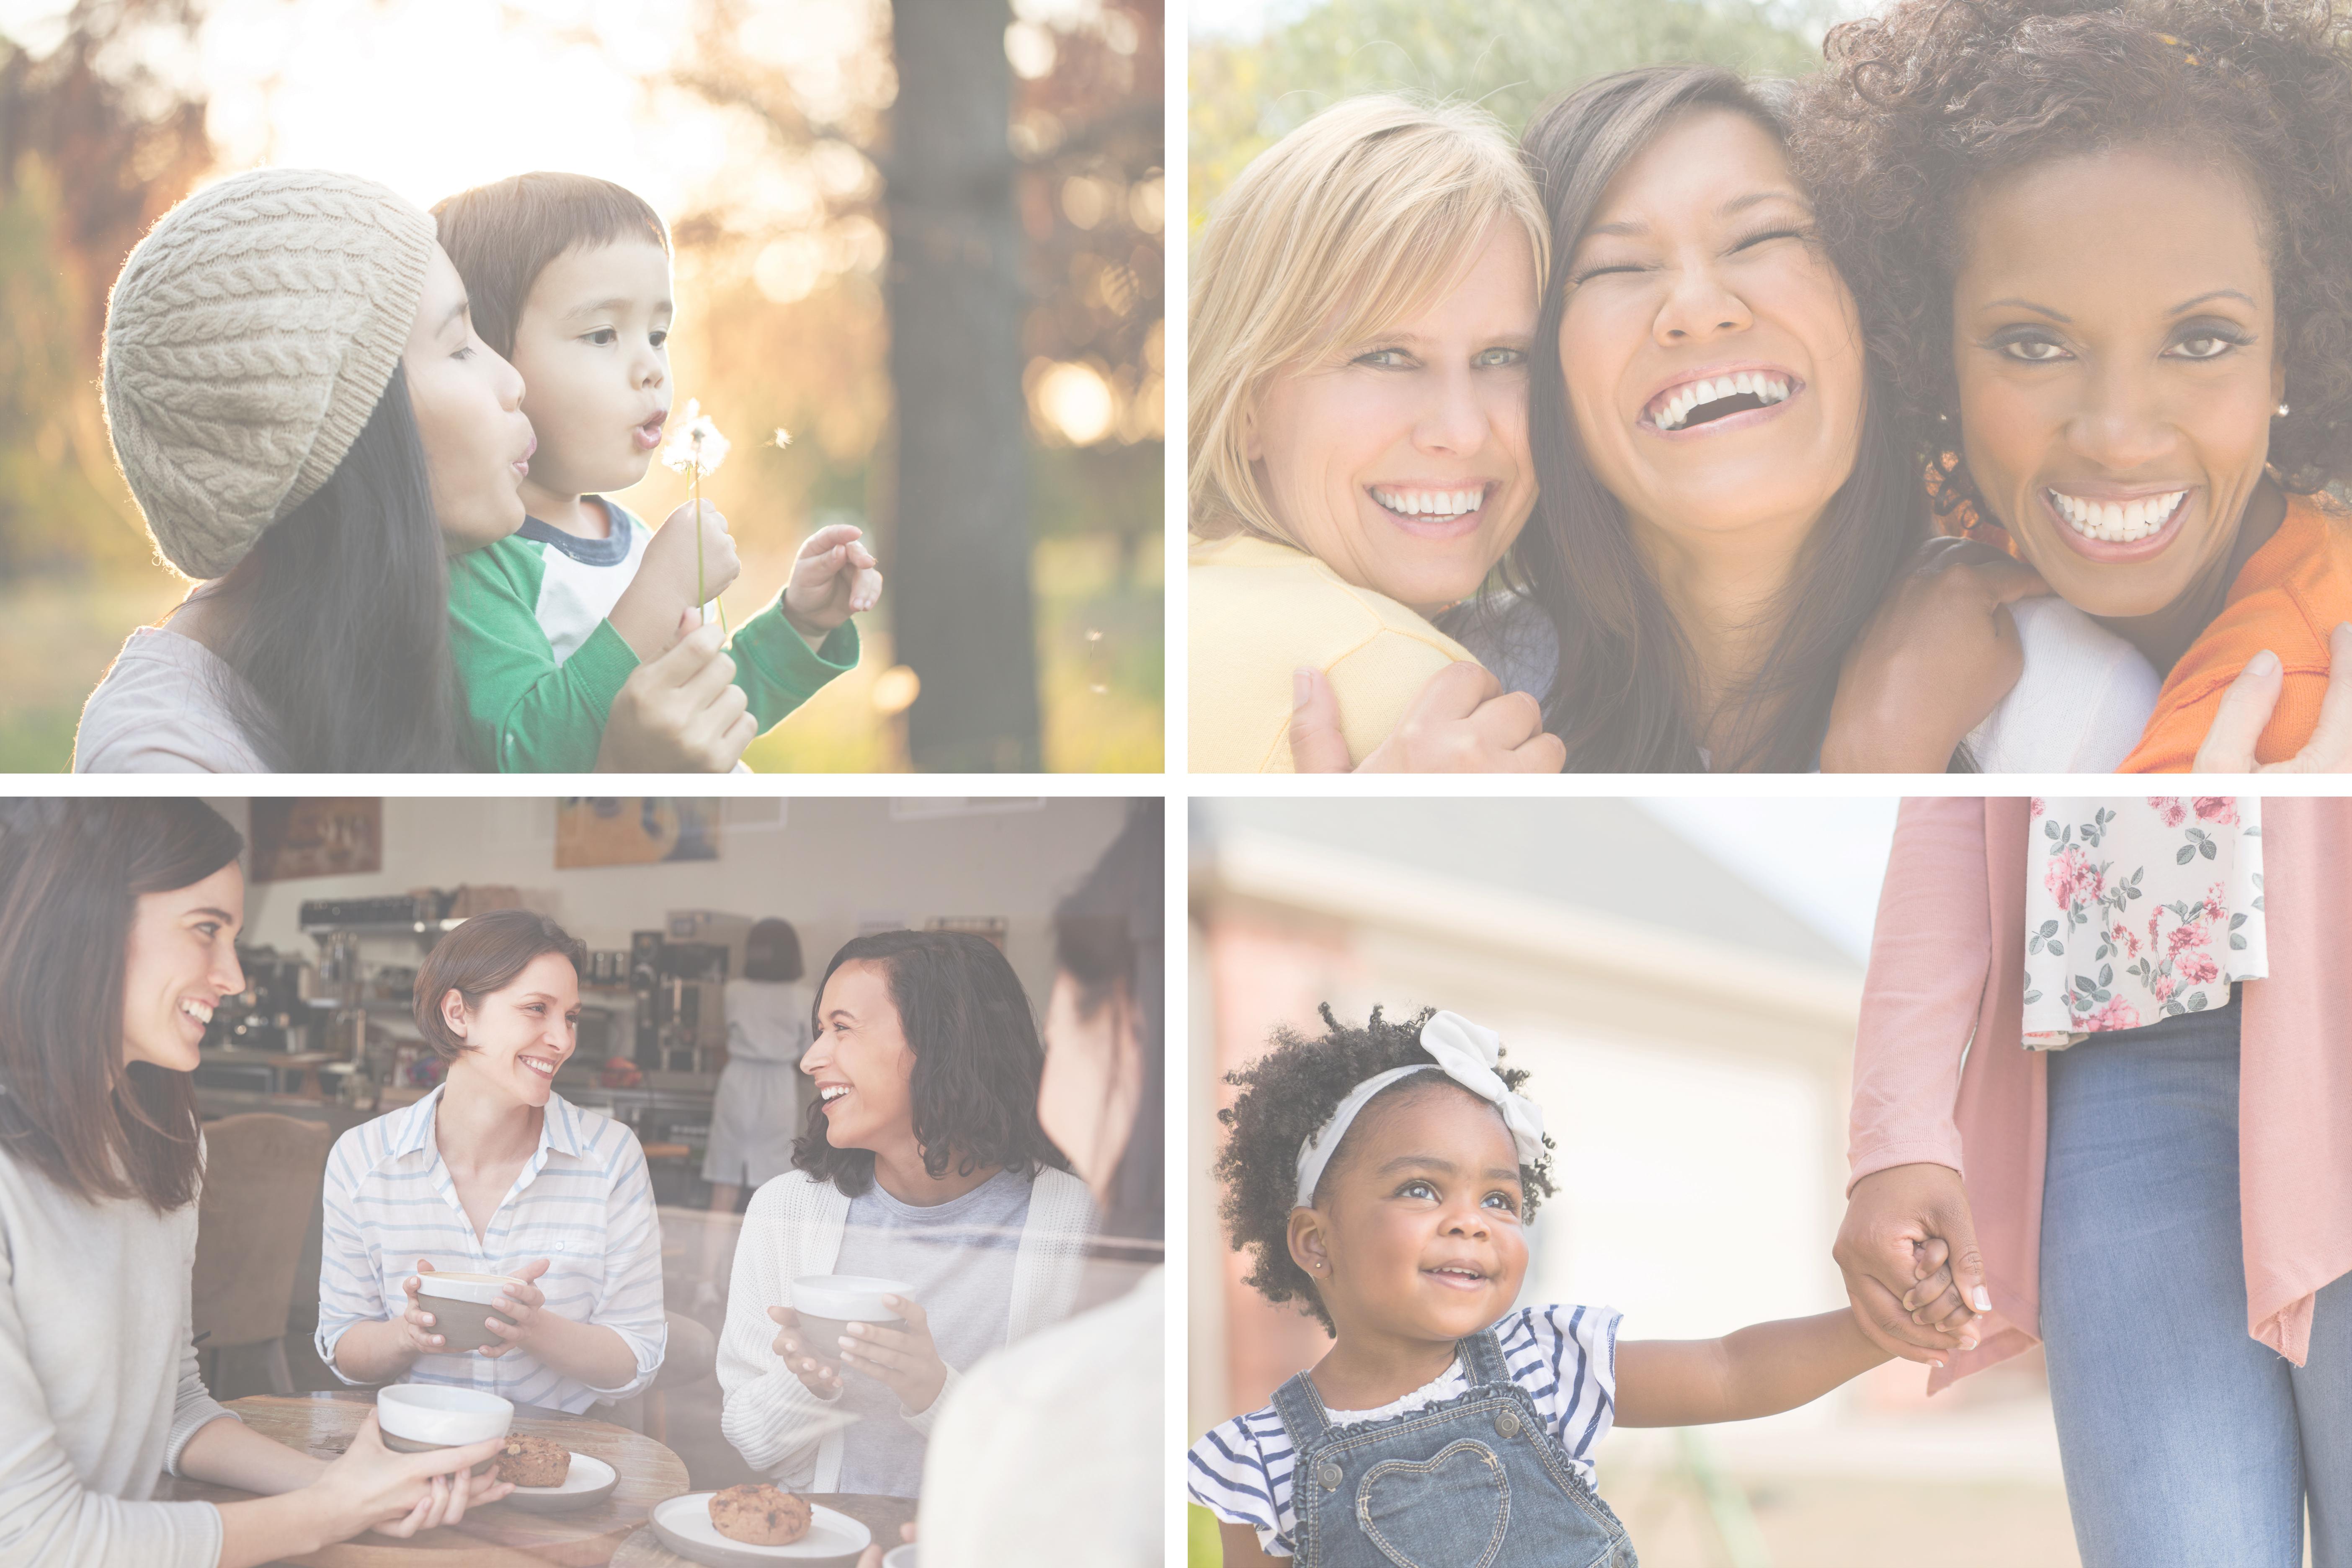 Moms together - collage